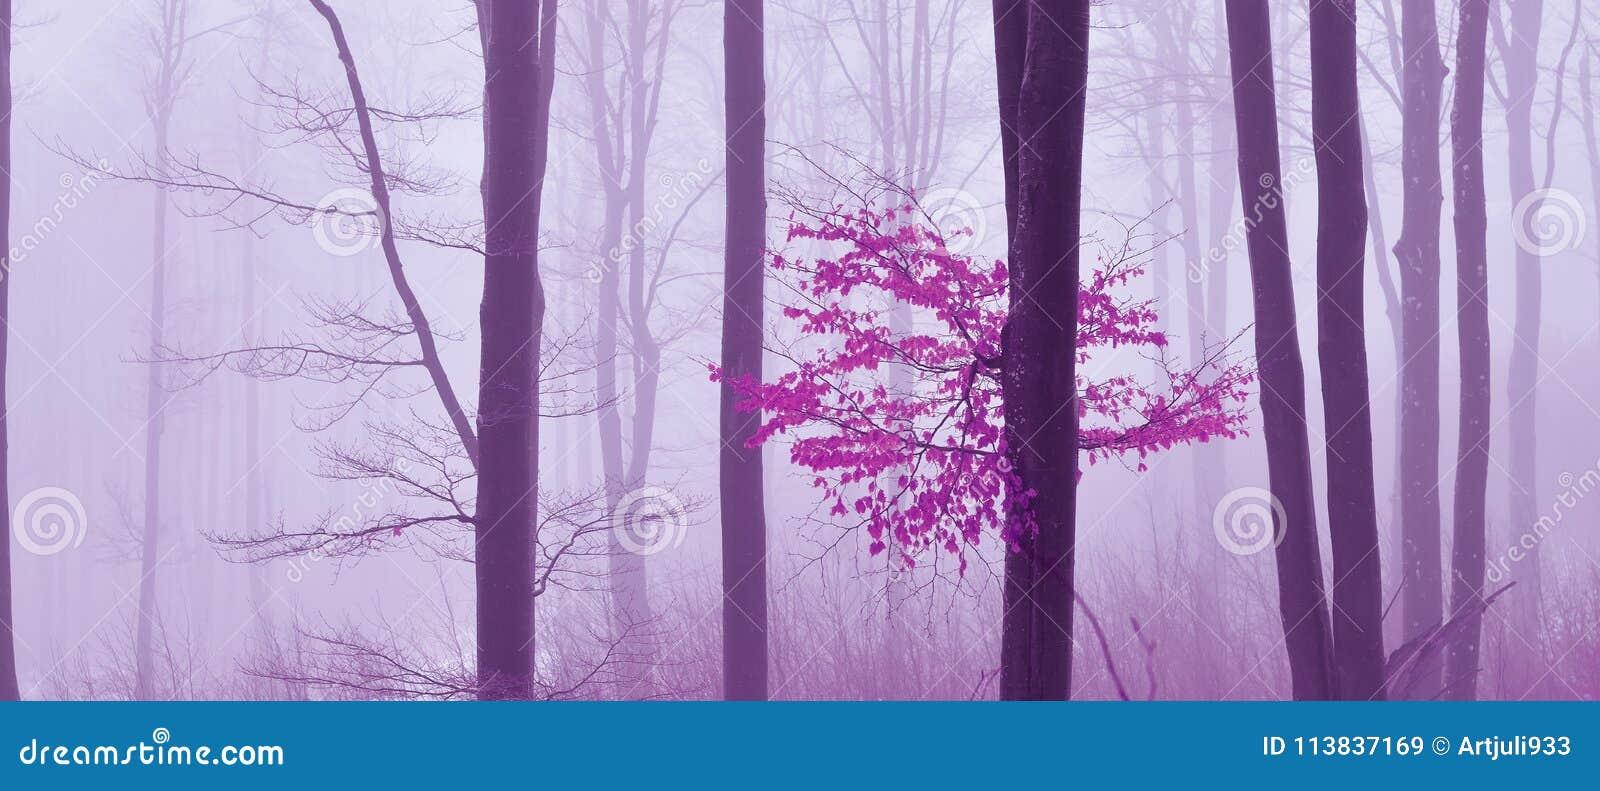 Η ομίχλη στο δάσος χρωμάτισε το απόκρυφο υπόβαθρο Μαγική forestMagic καλλιτεχνική ταπετσαρία παραμύθι Όνειρο, γραμμή Δέντρο σε έν